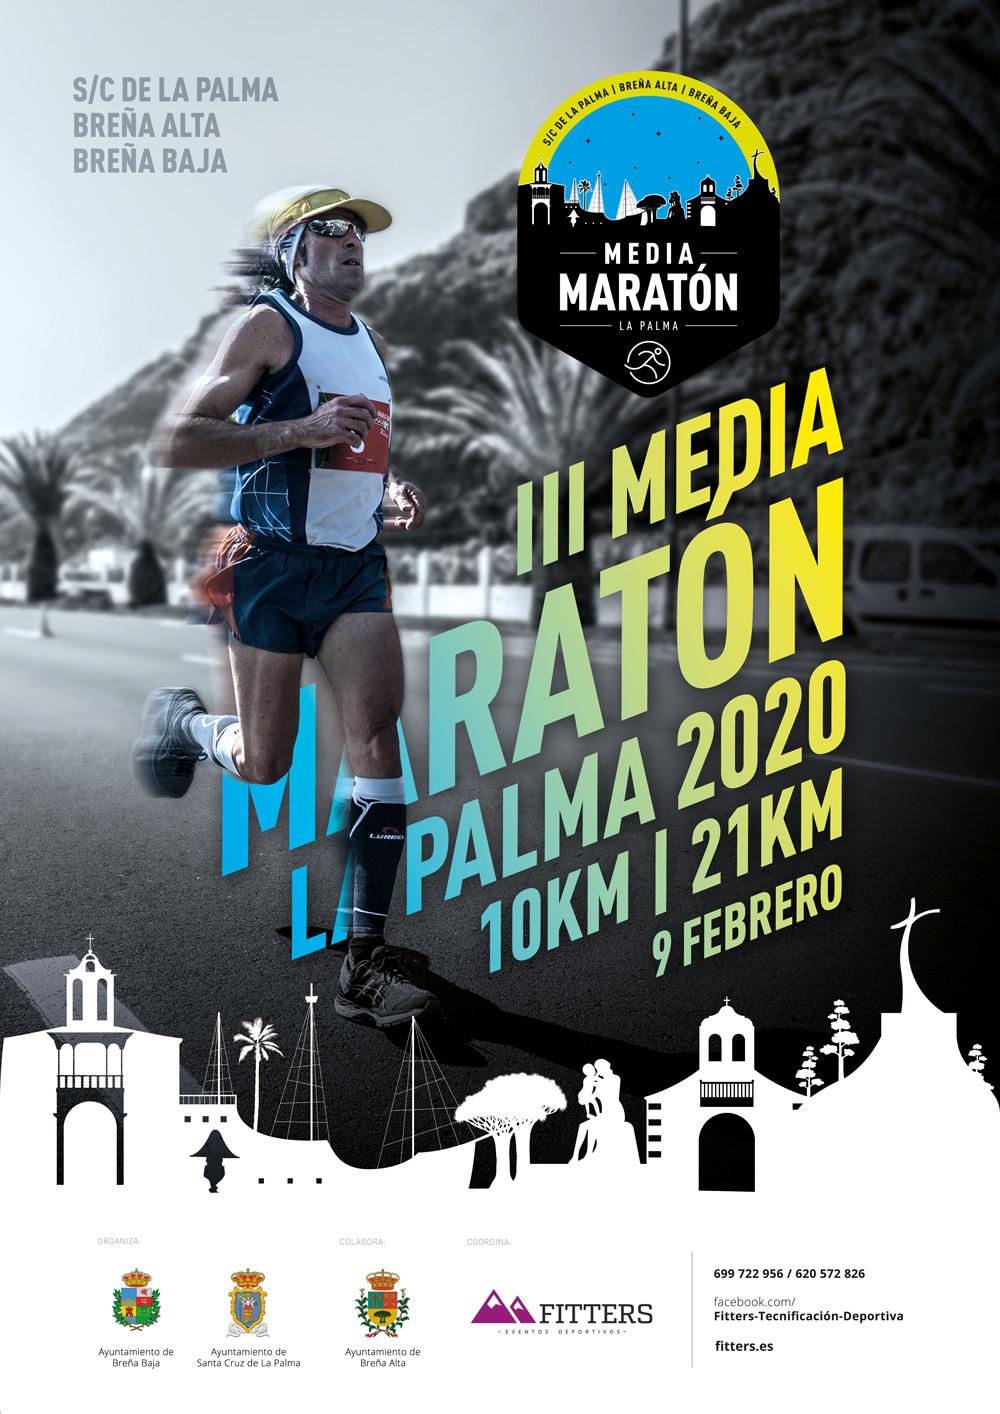 Media maraton la palma 2019